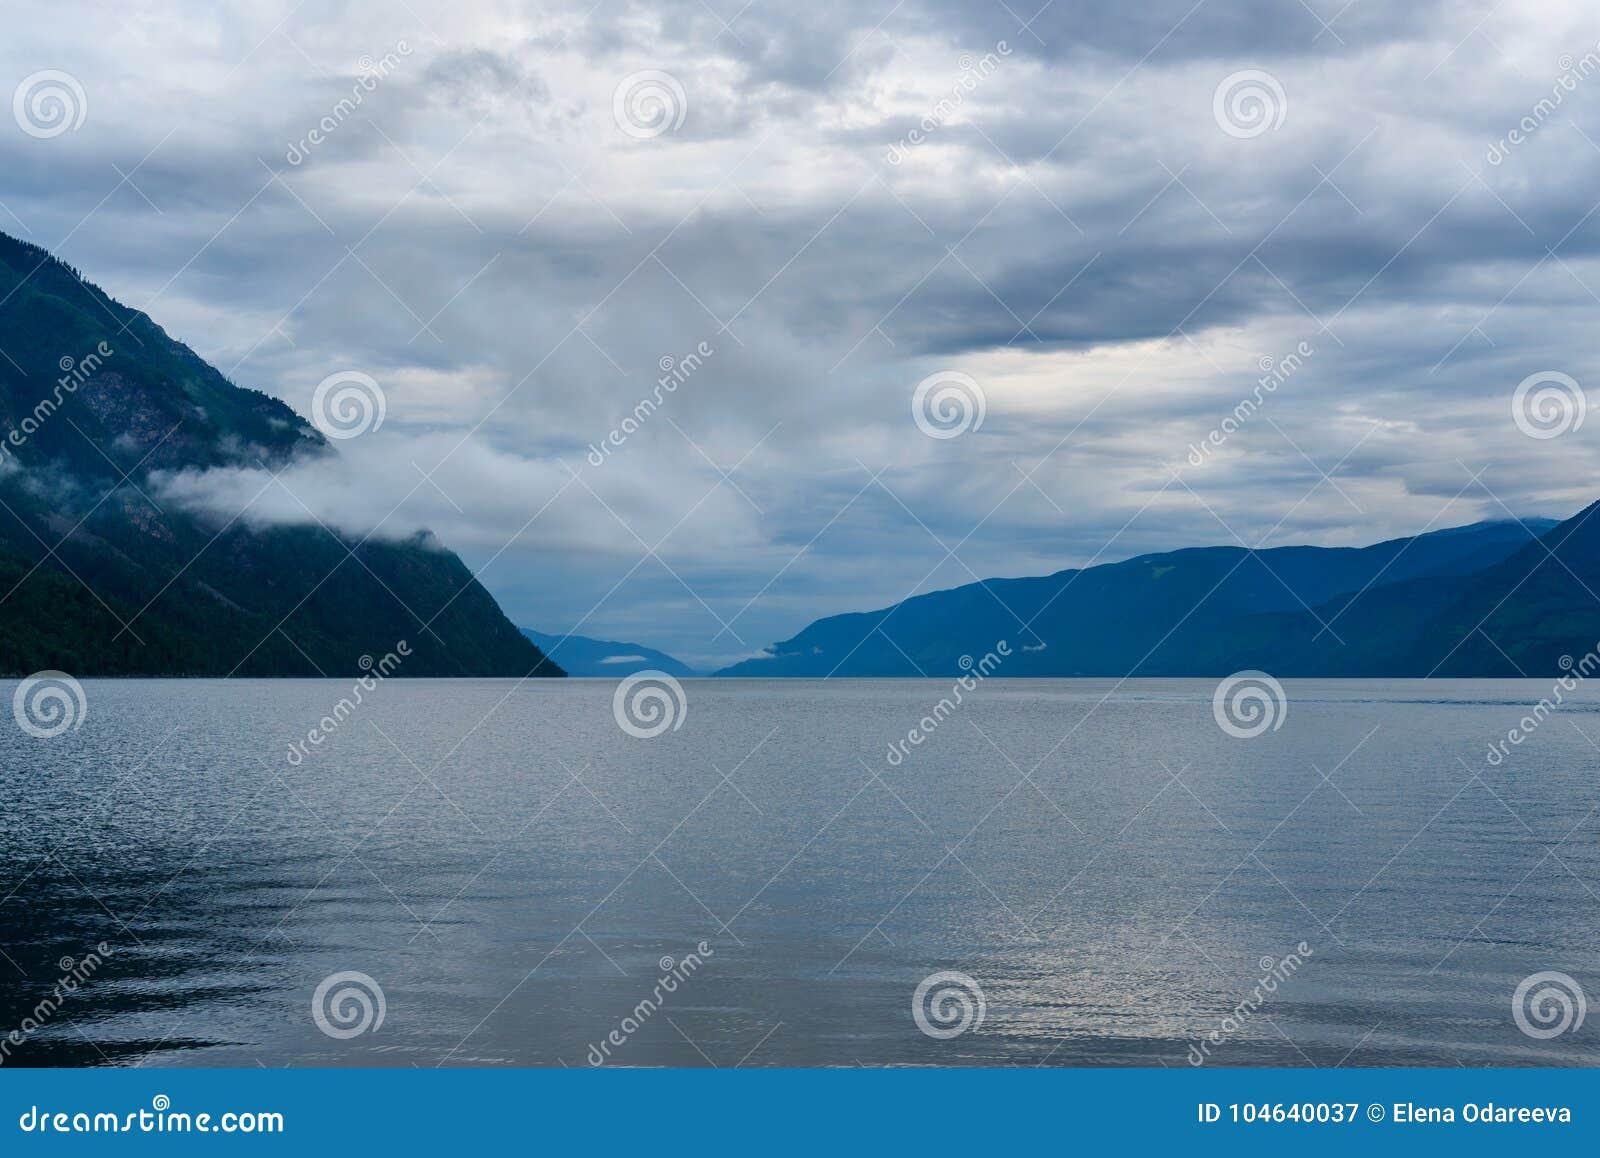 Download Teletskoyemeer In De Ochtend Mening Van Zuidelijke Kust Altairepubliek Rusland Stock Afbeelding - Afbeelding bestaande uit openlucht, wolk: 104640037